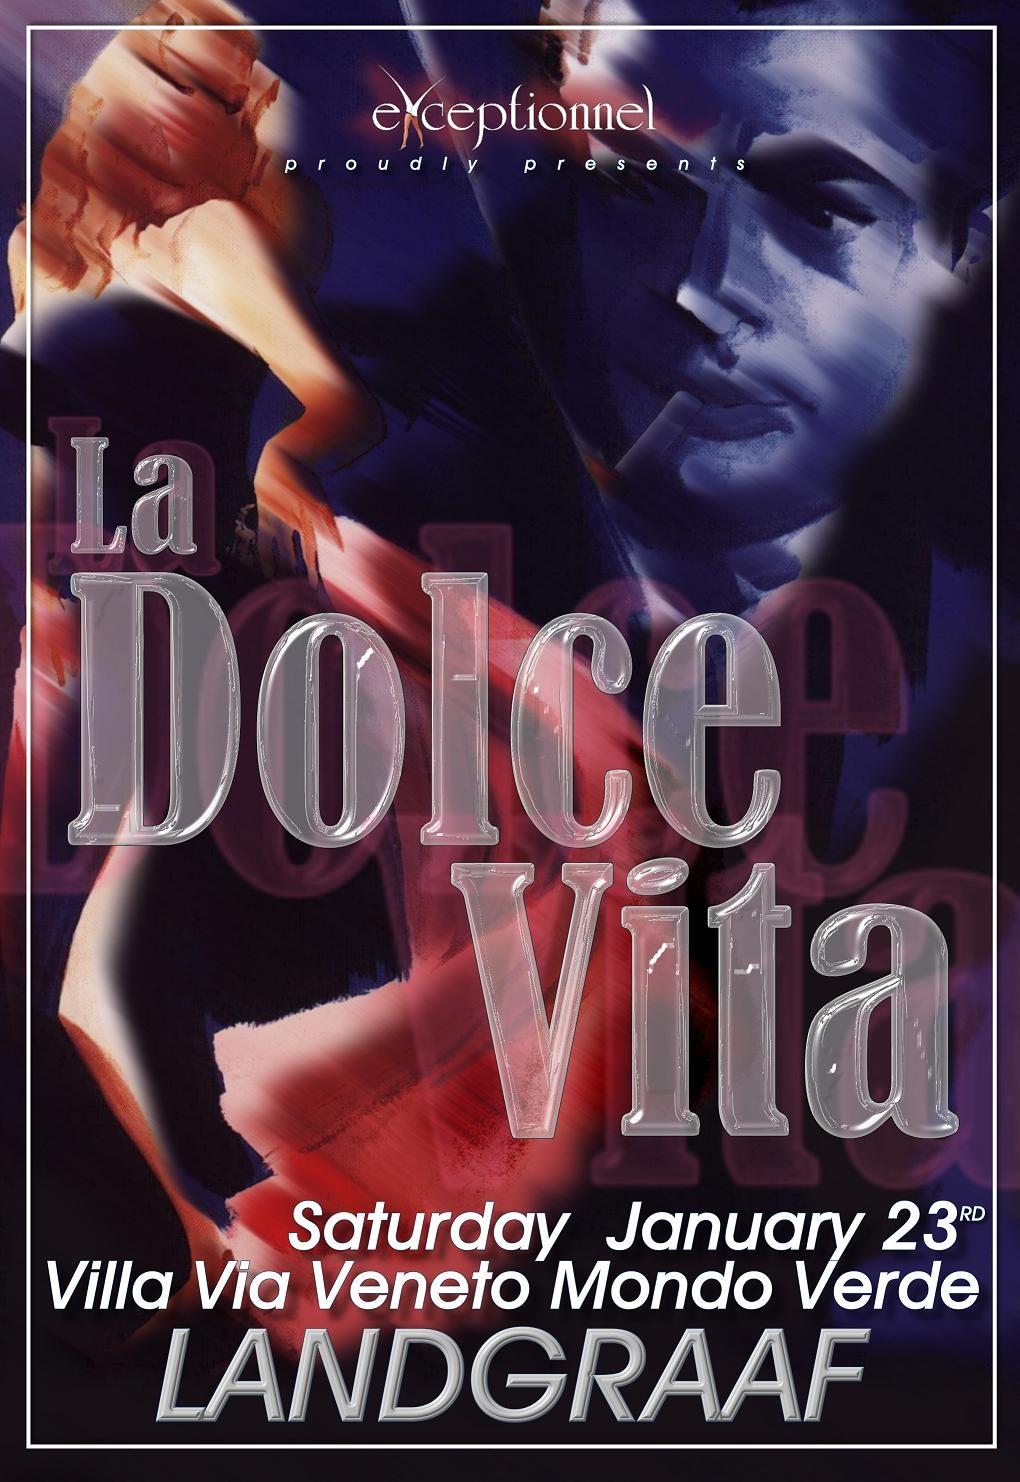 Night Club Dolce Vita Colombia La